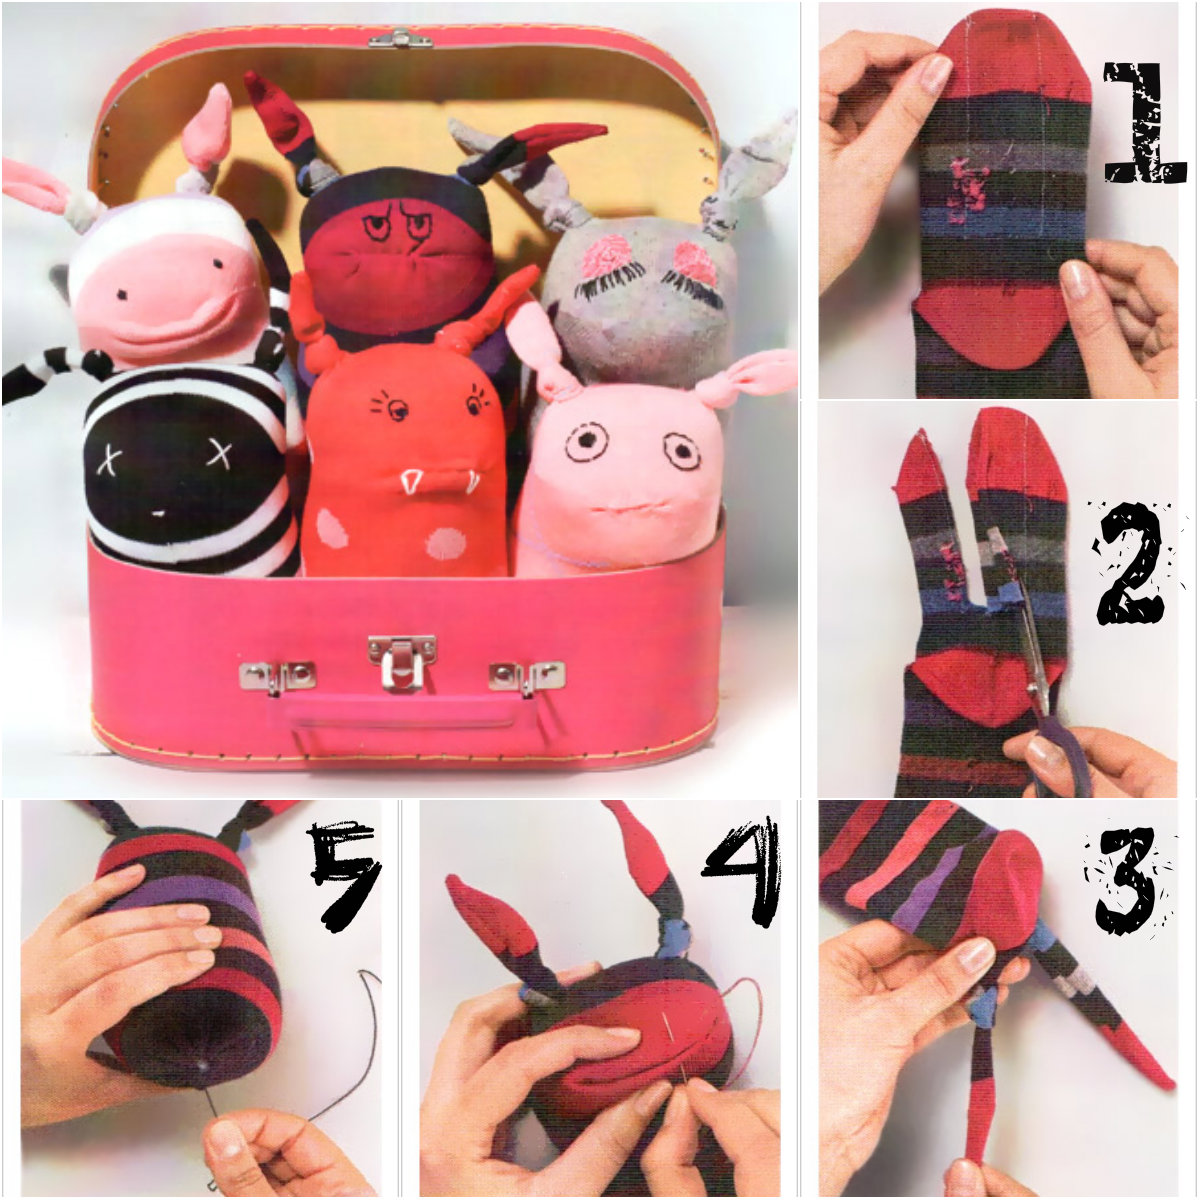 instrucciones juguetes: